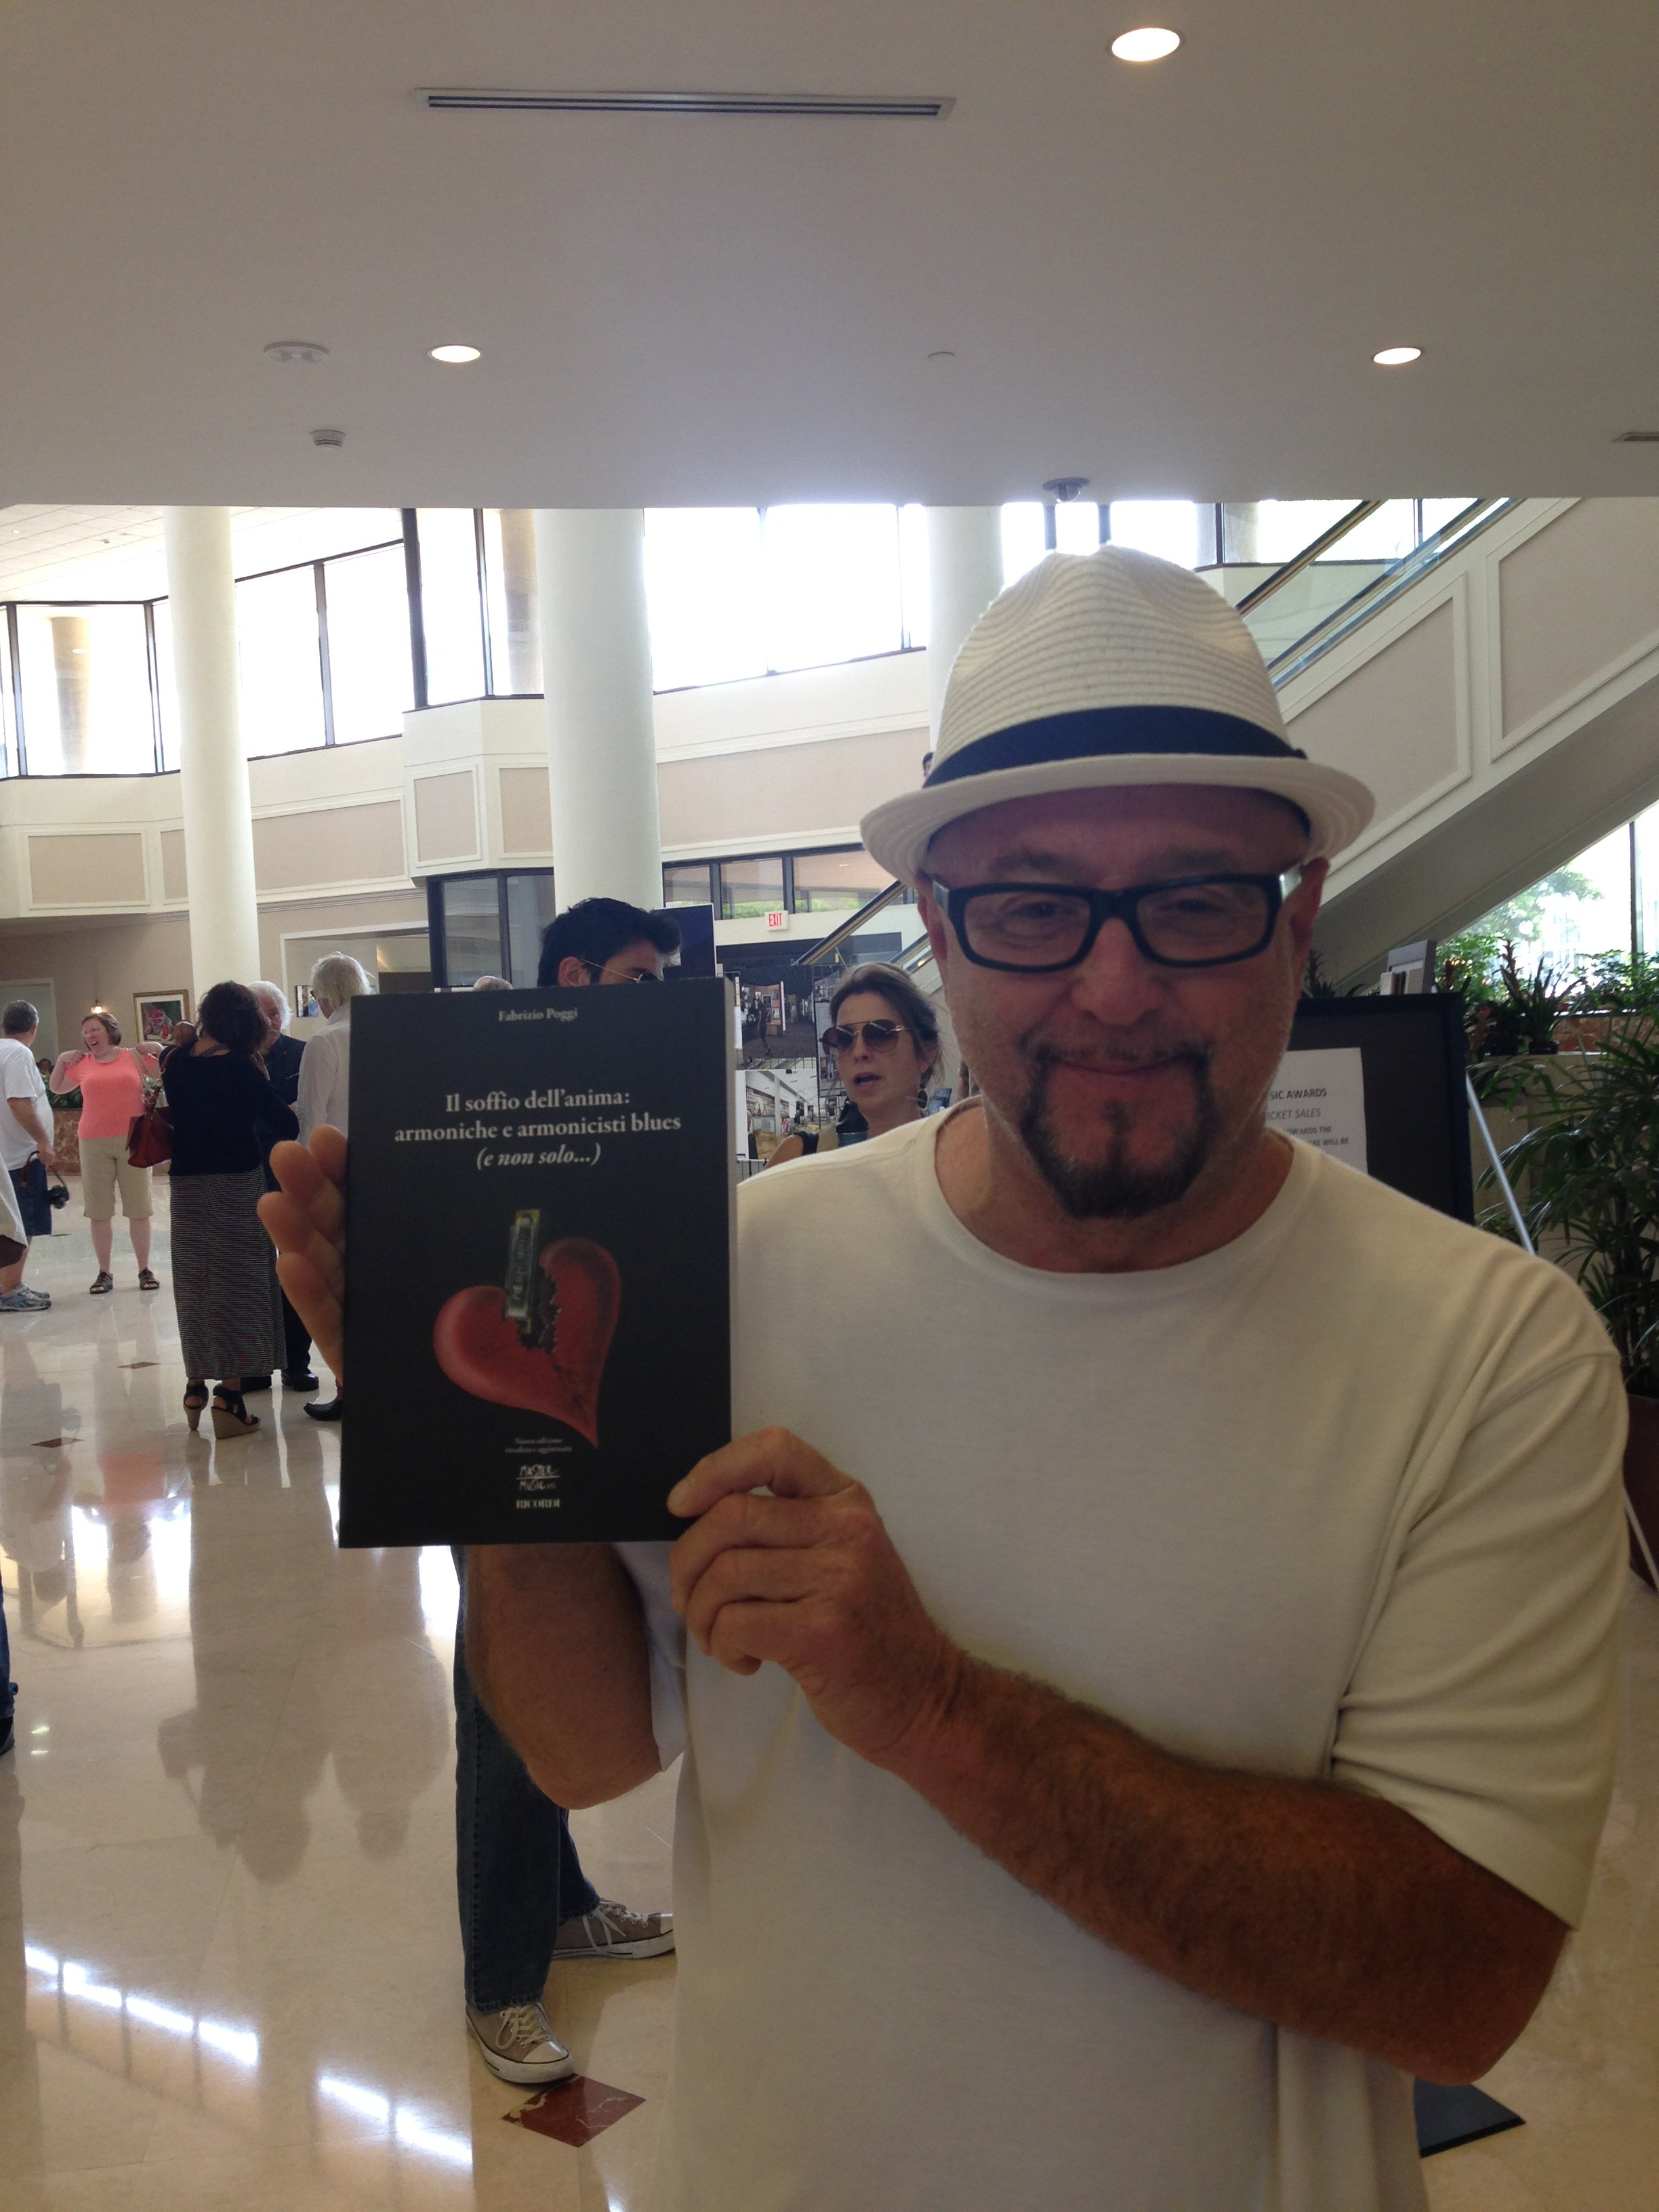 KIM WILSON with FABRIZIO POGGI\'S BOOK